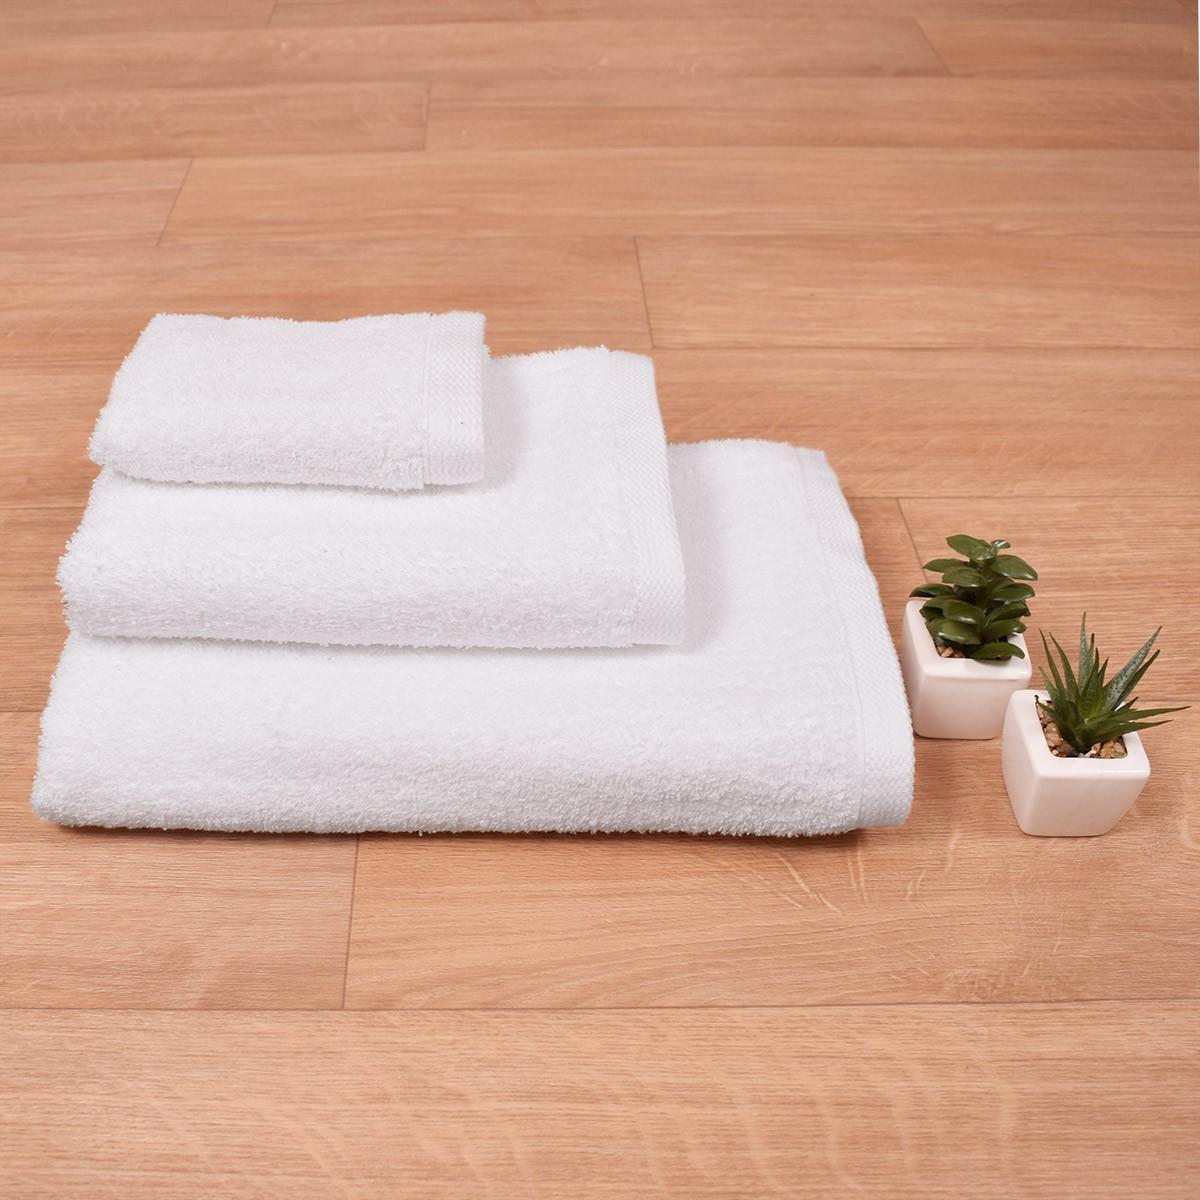 Πετσέτα Σώματος Λευκή (70x140) Siva 550gr/m2 home   επαγγελματικός εξοπλισμός   ξενοδοχειακός εξοπλισμός   πετσέτες ξενοδοχεί